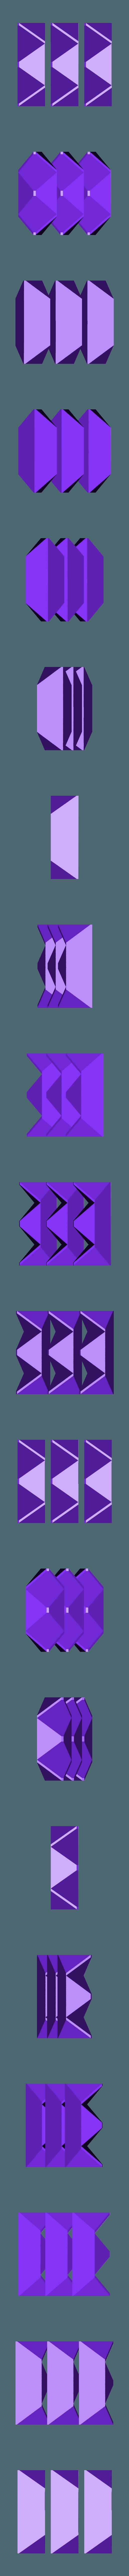 puzzle_big.stl Télécharger fichier STL gratuit Puzzle 6 pièces 2 • Modèle pour imprimante 3D, tylerebowers